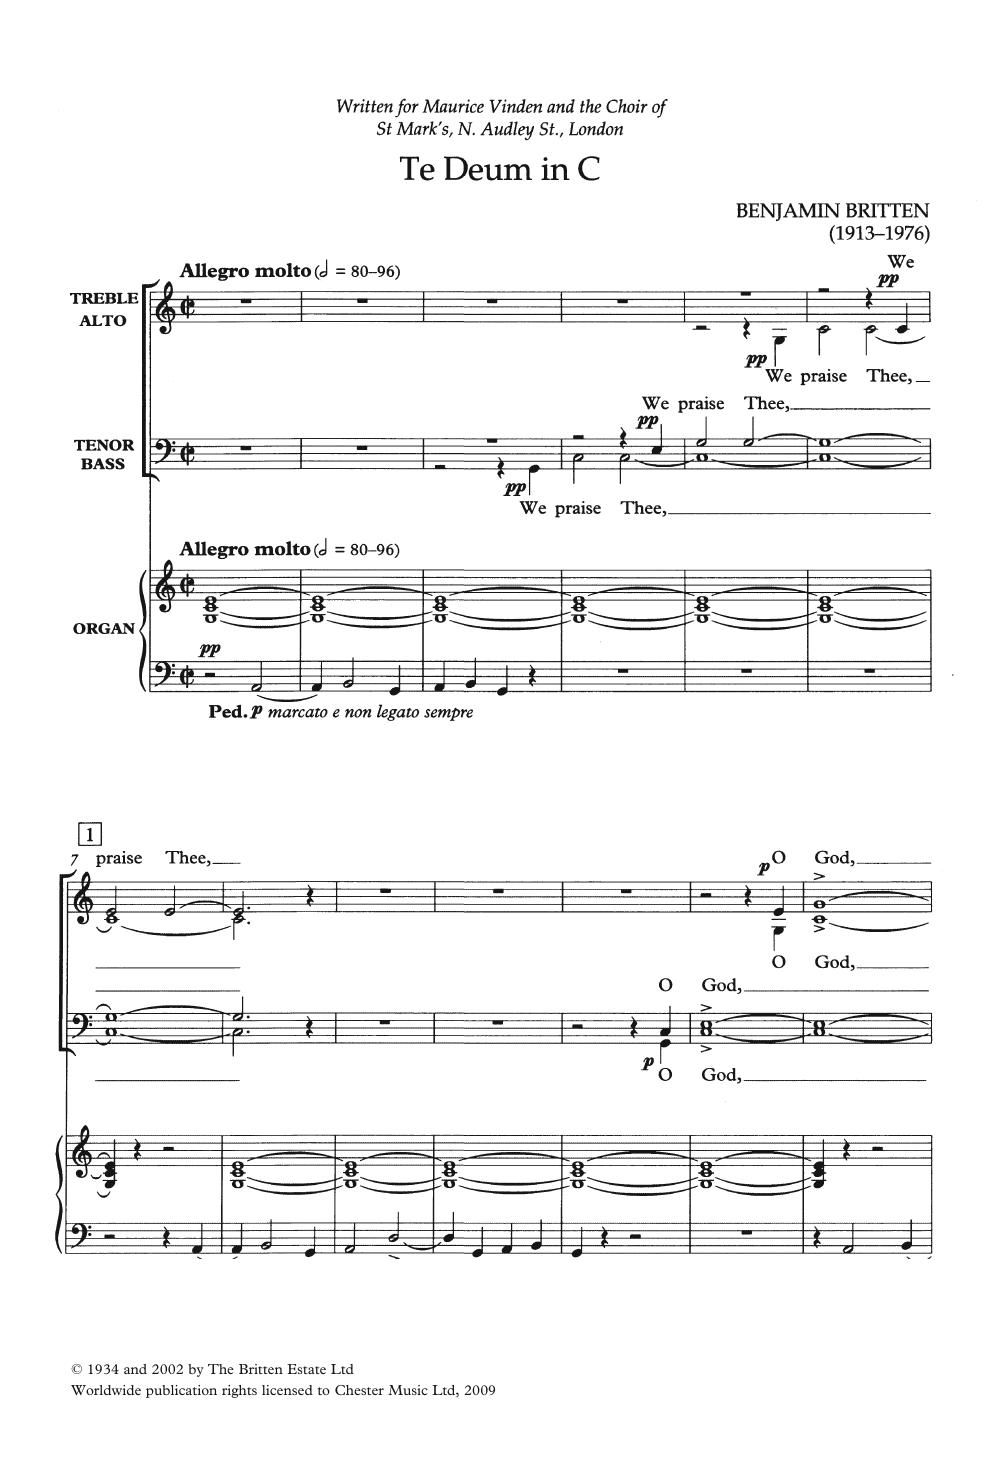 Benjamin Britten - Te Deum In C